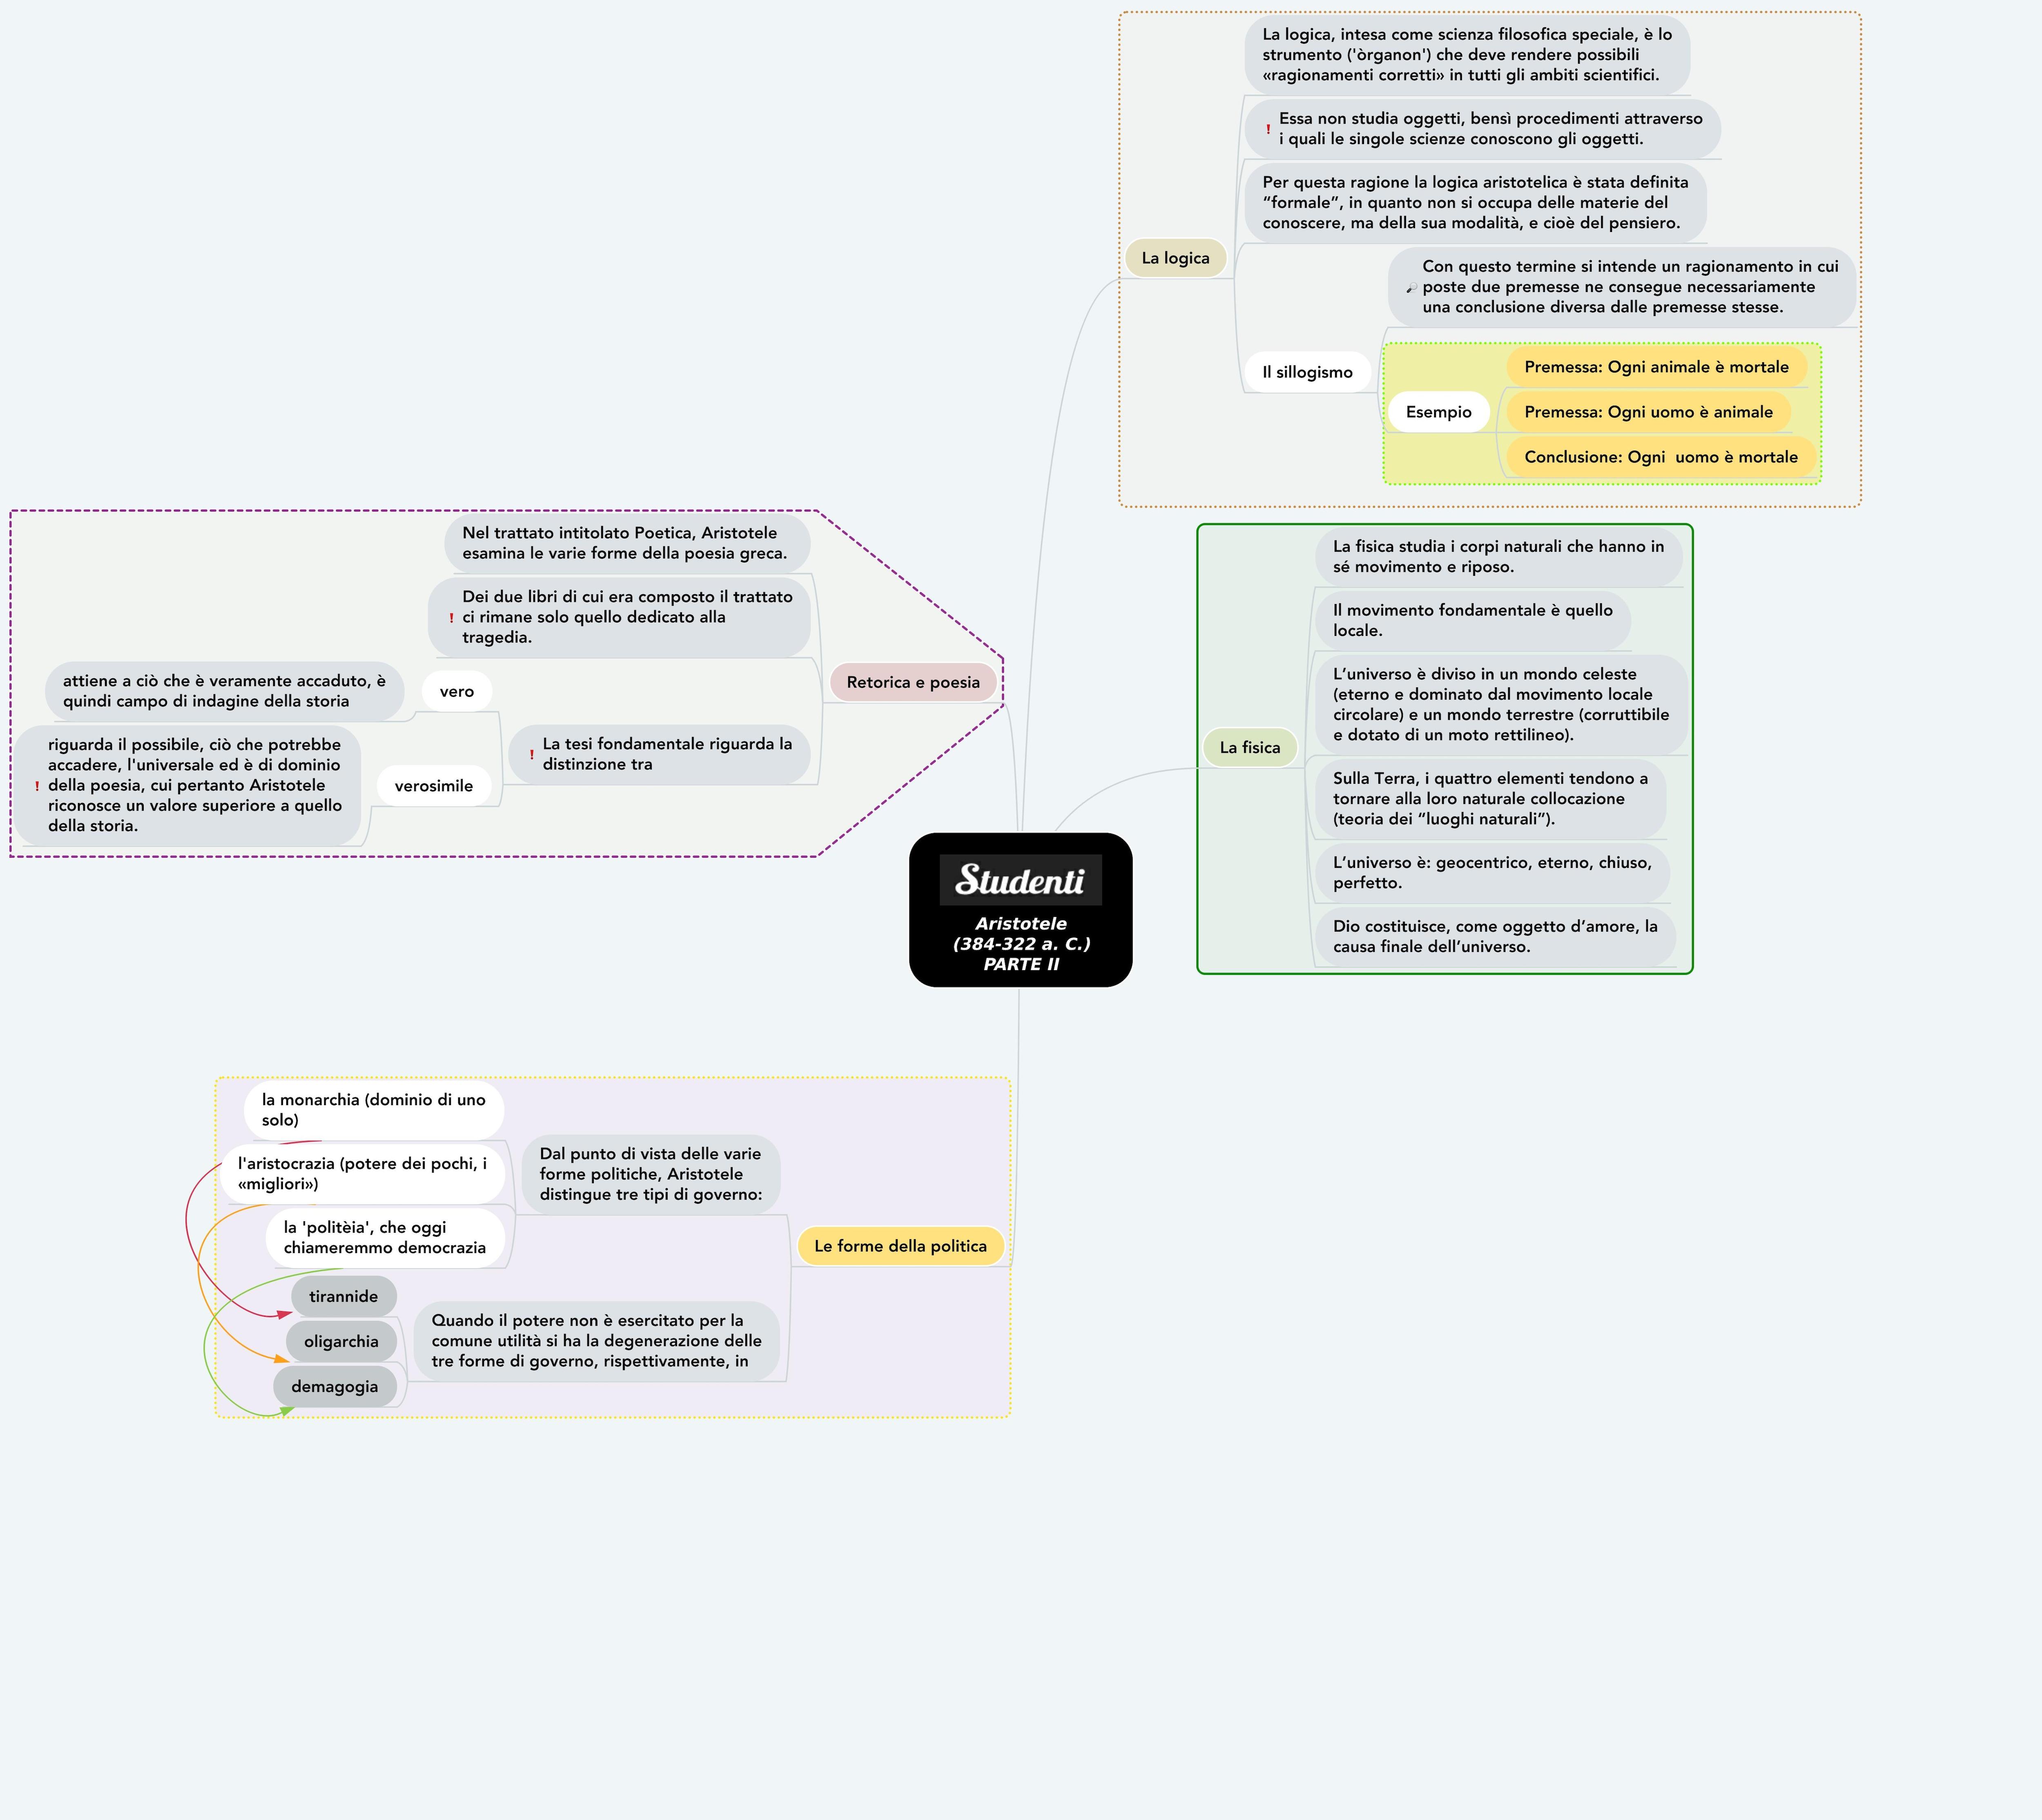 Mappa concettuale su Aristotele seconda parte